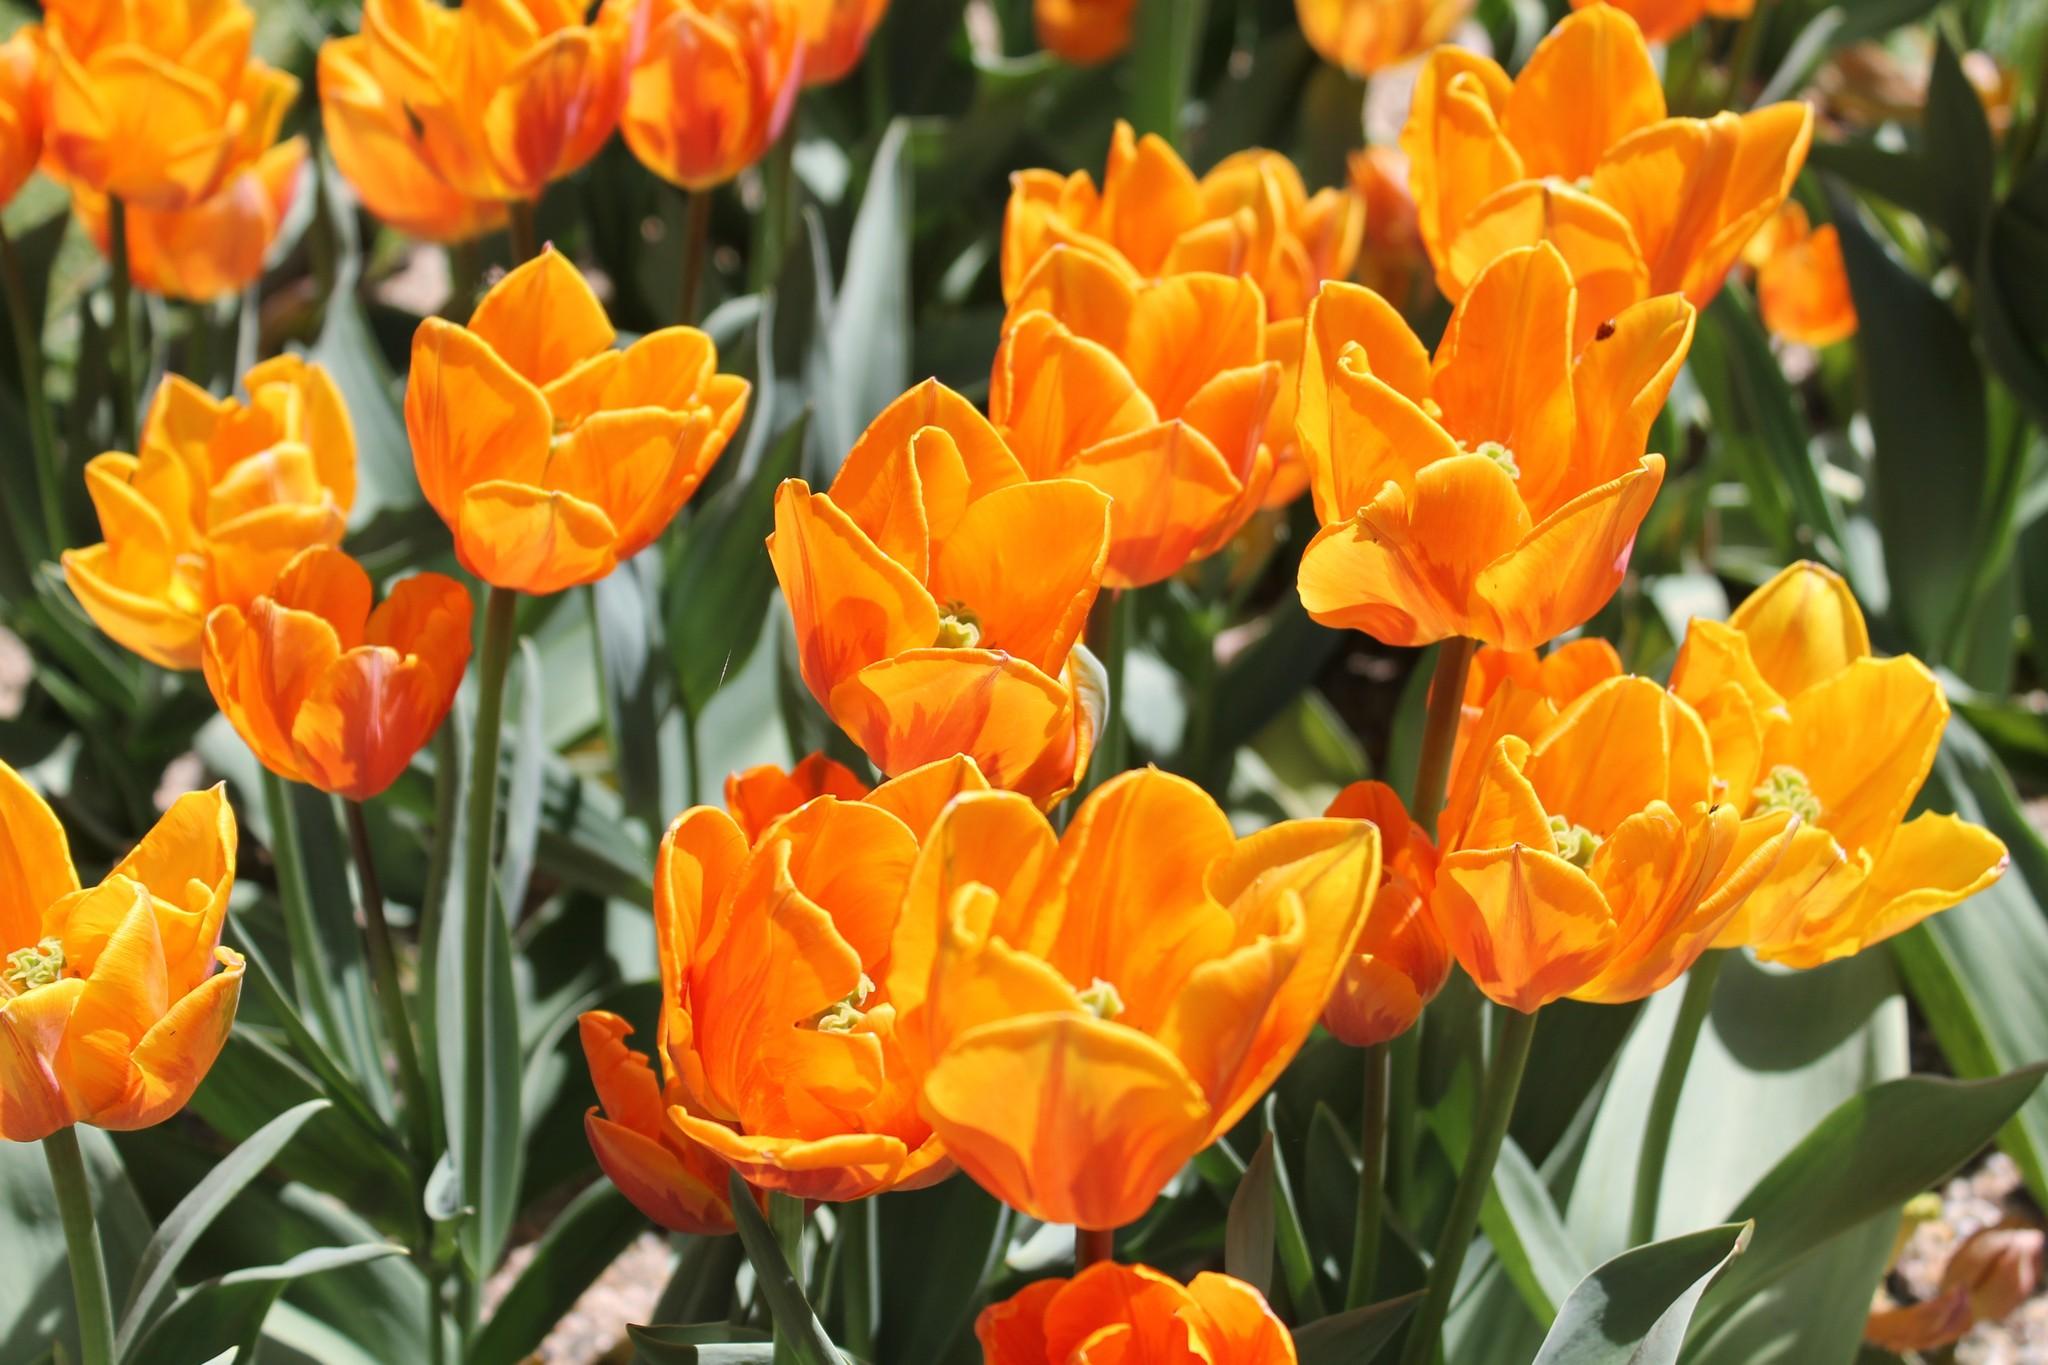 Il parco giardino sigurt e la tulipanomania for Tulipani arancioni